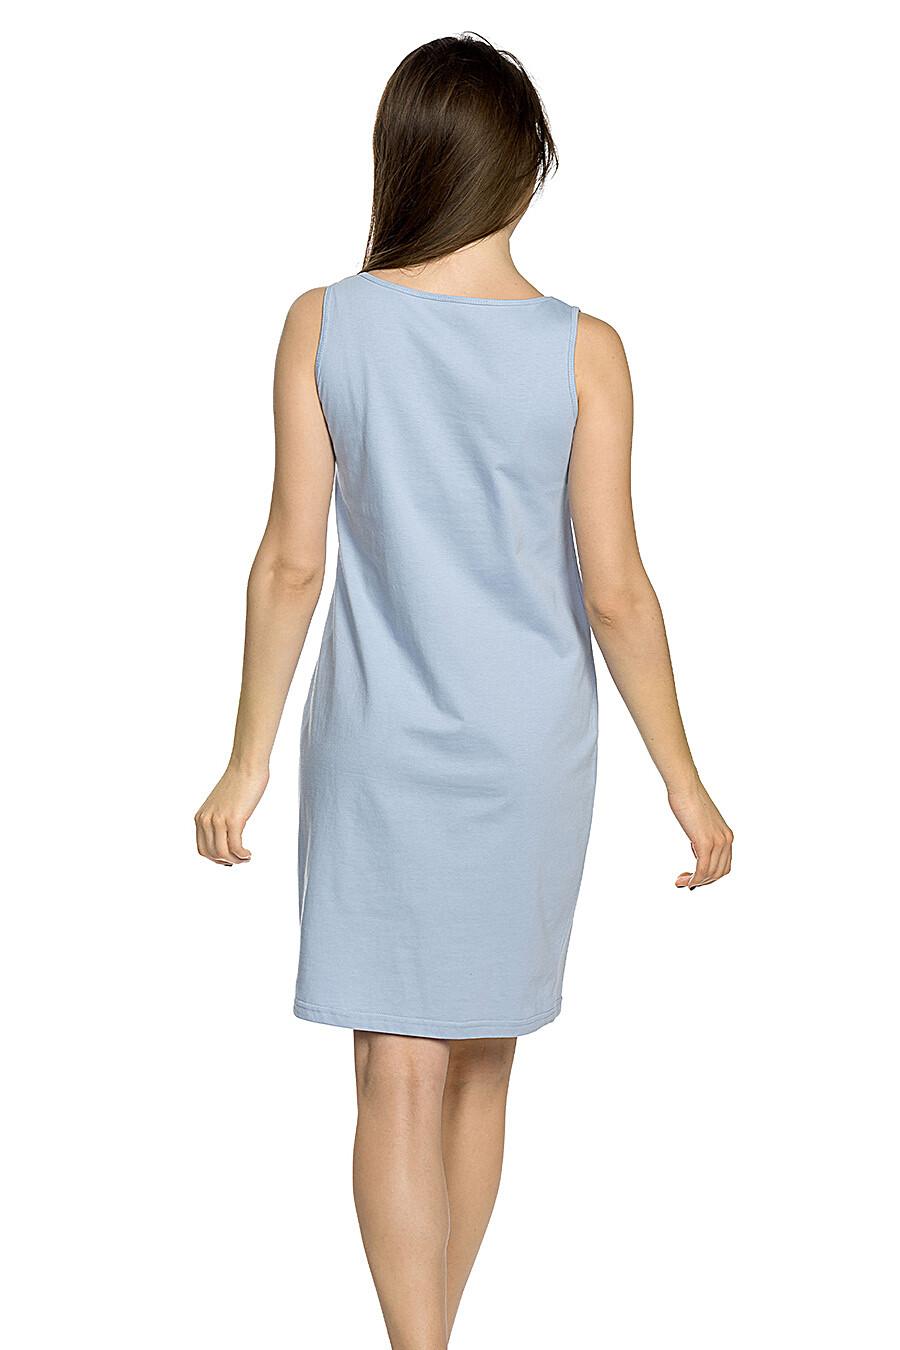 Платье для женщин PELICAN 146765 купить оптом от производителя. Совместная покупка женской одежды в OptMoyo